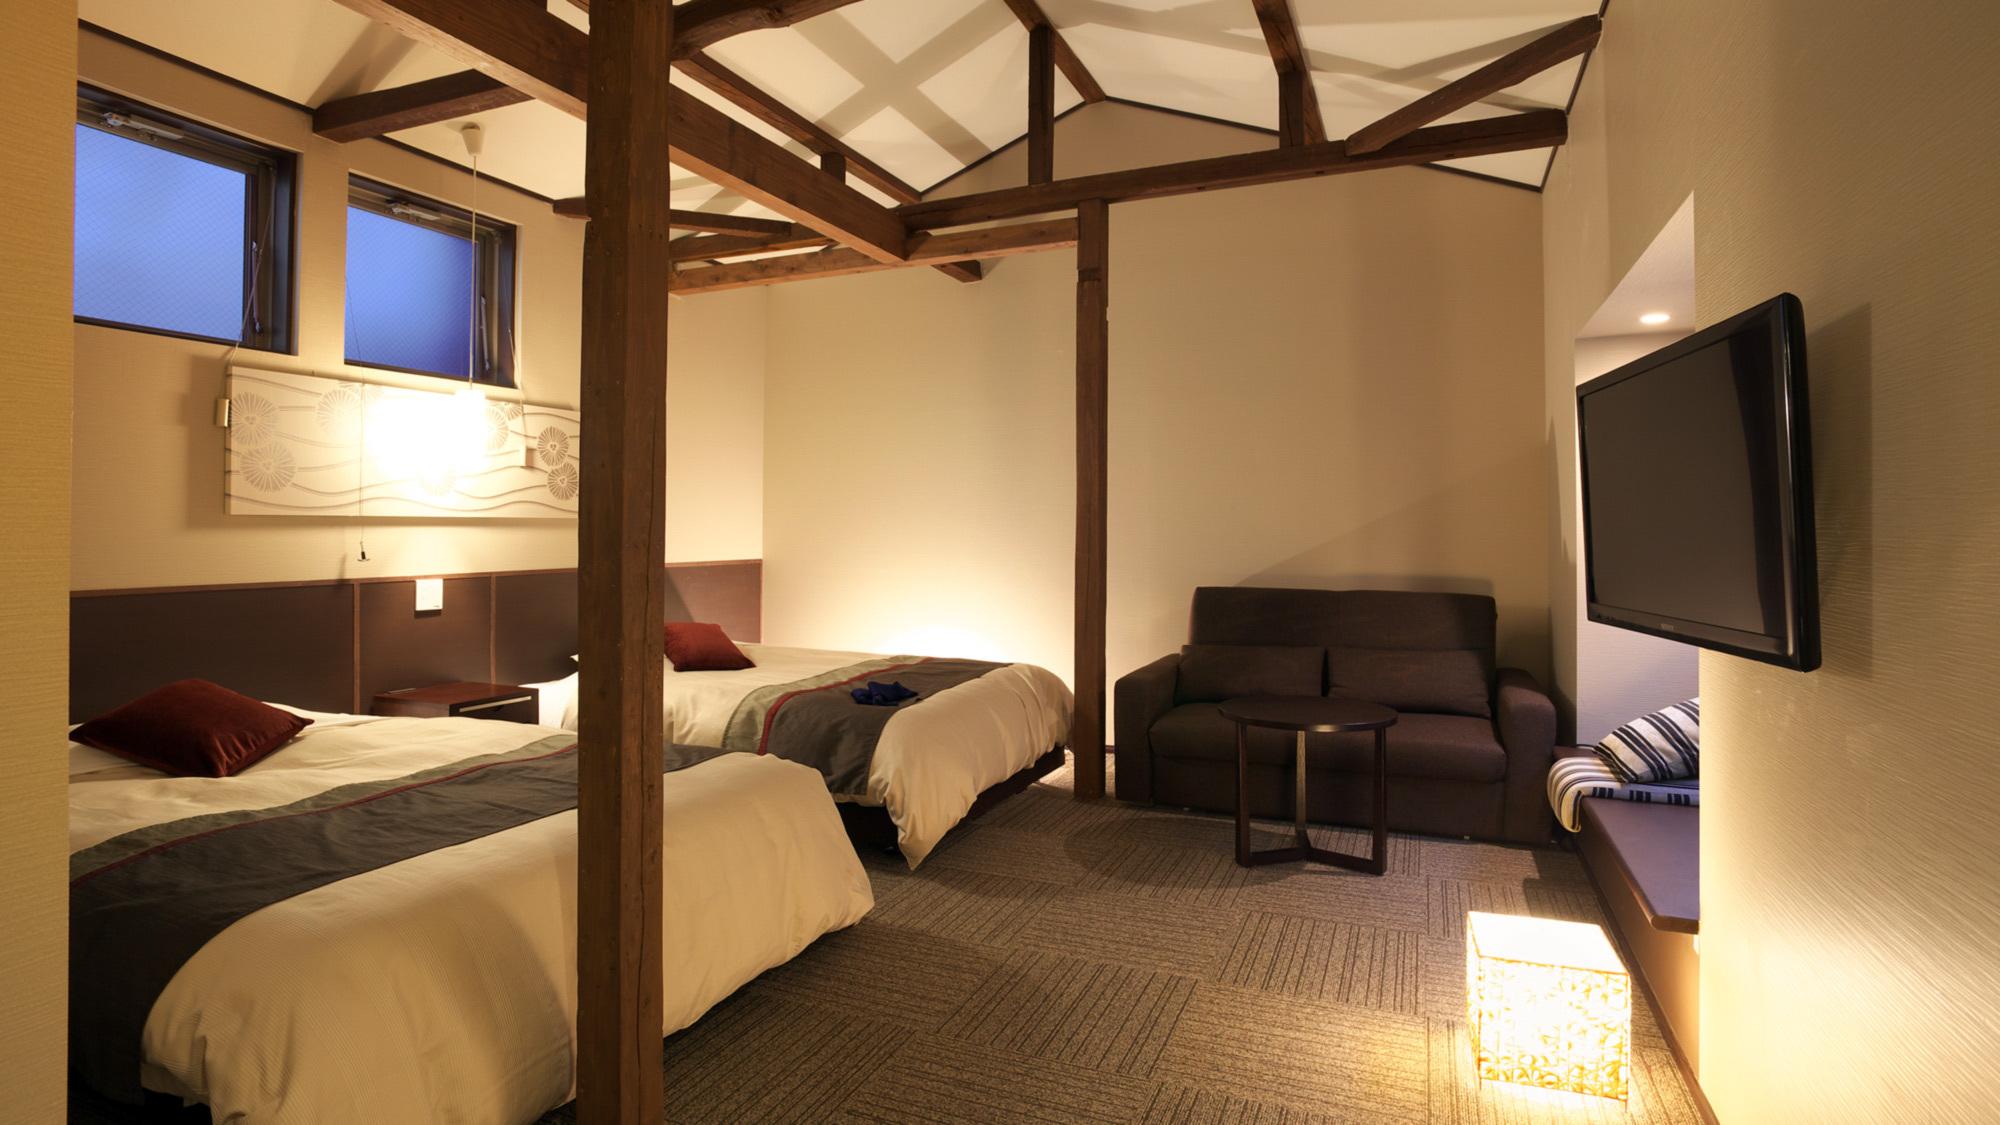 【湯畑ビュー客室】お部屋から草津温泉の名所湯畑を望むツインルーム。室内でのインターネット可。